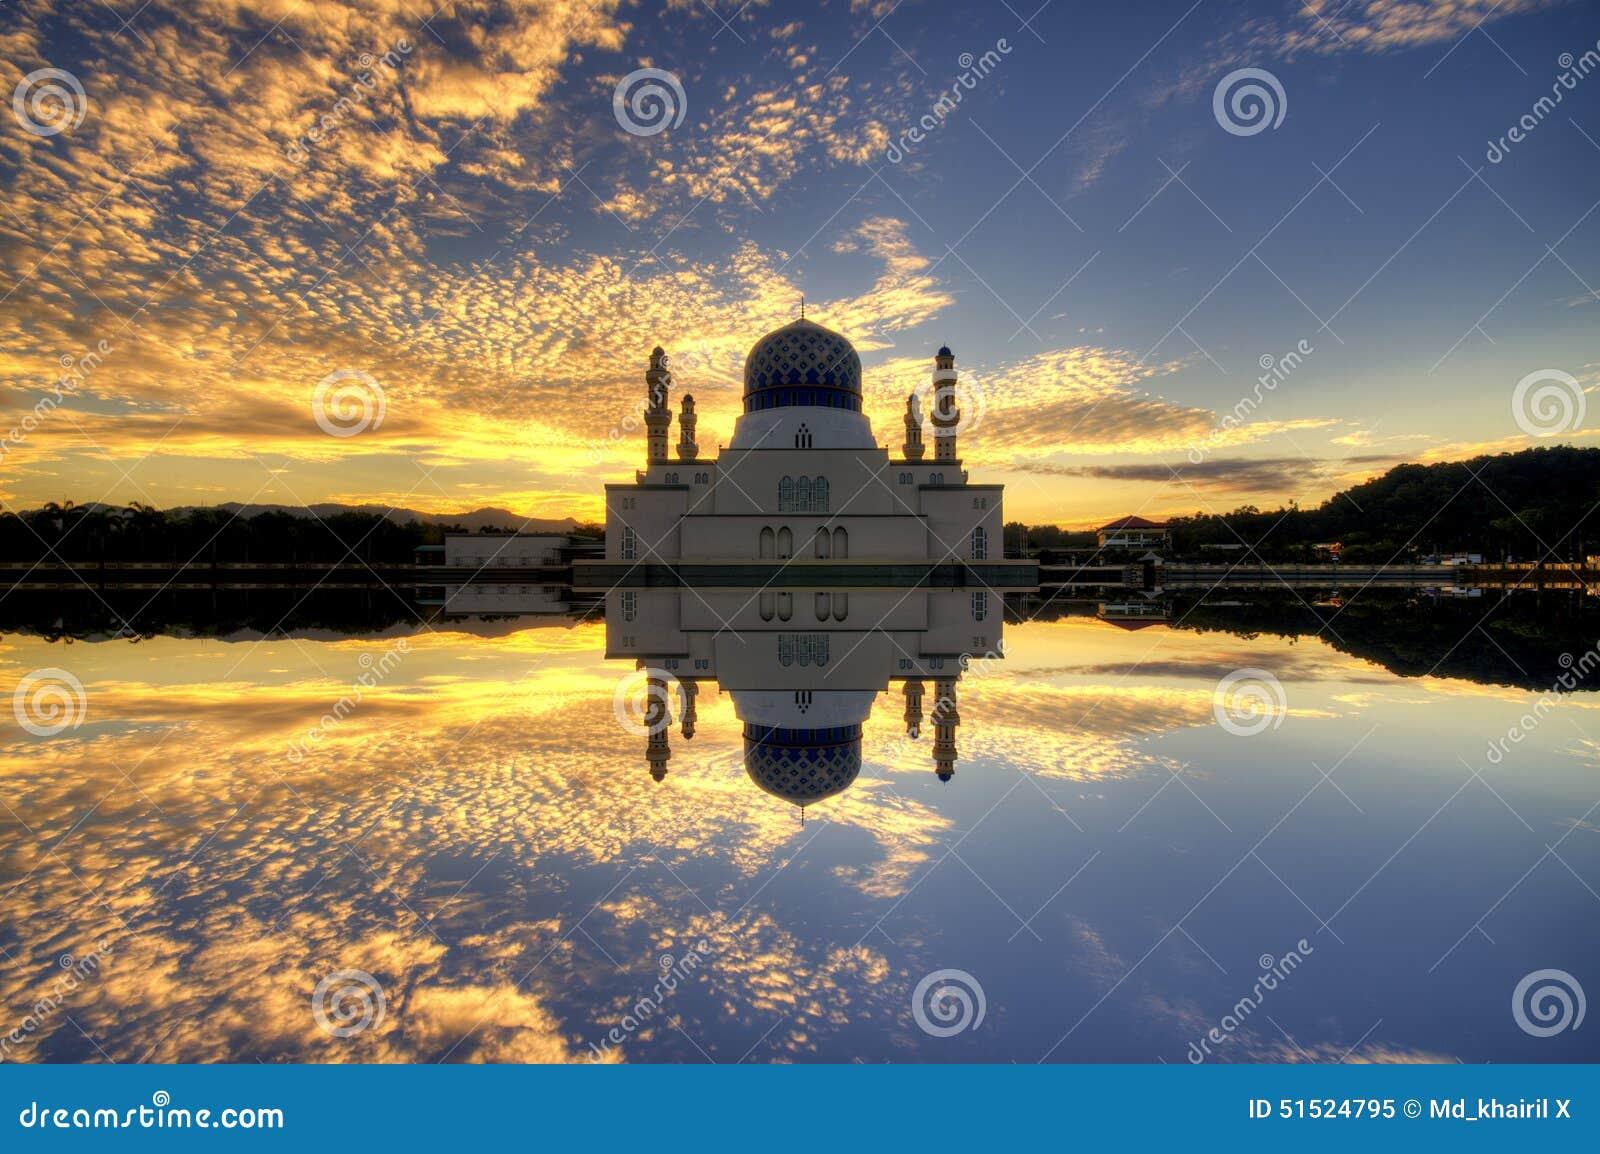 Kota Kinabalu City Floating Mosque, tijdens een Zonsopgang